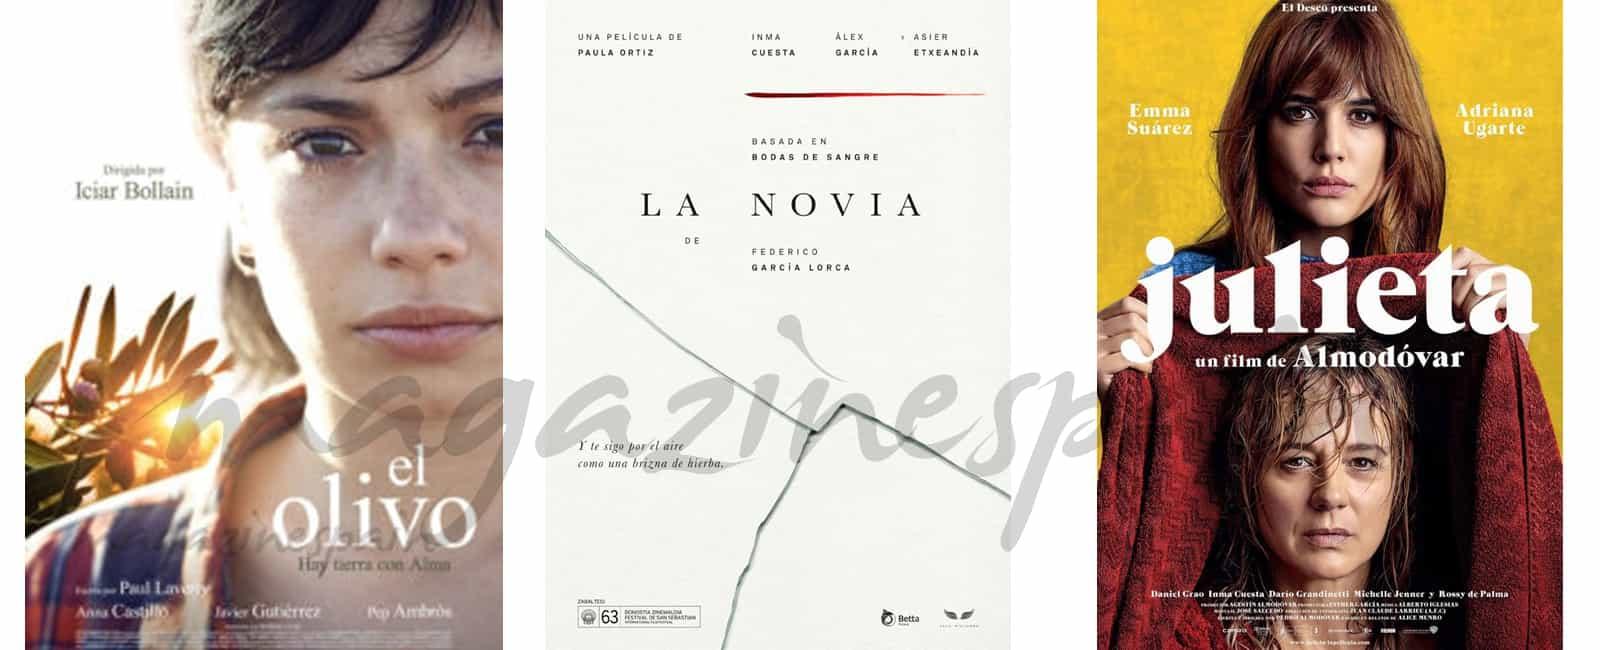 Julieta, El olivo y La novia, seleccionadas para los Óscar de Hollywood